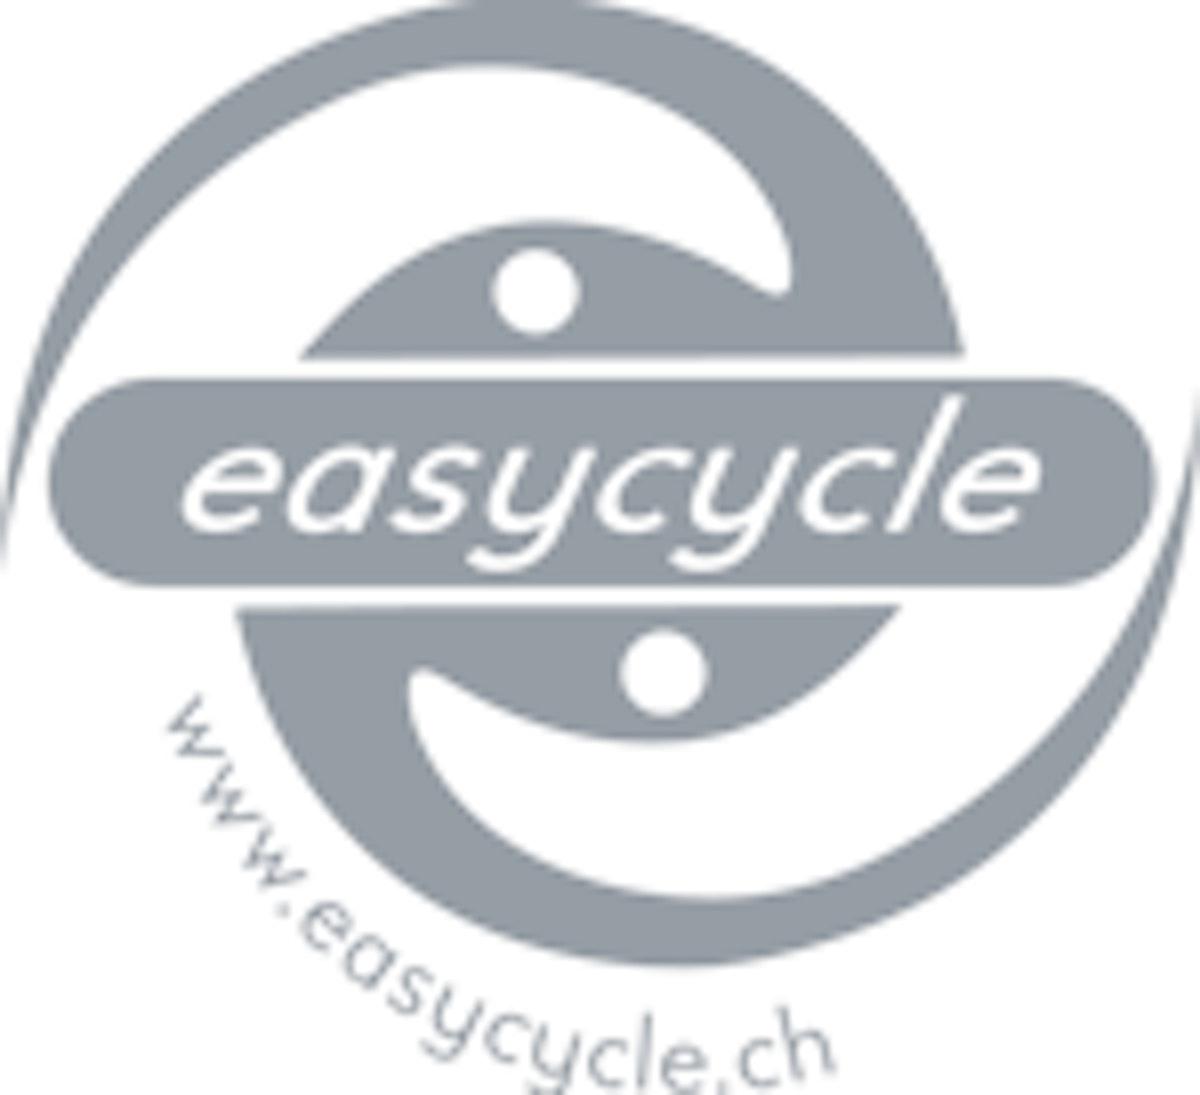 easycycle1.png